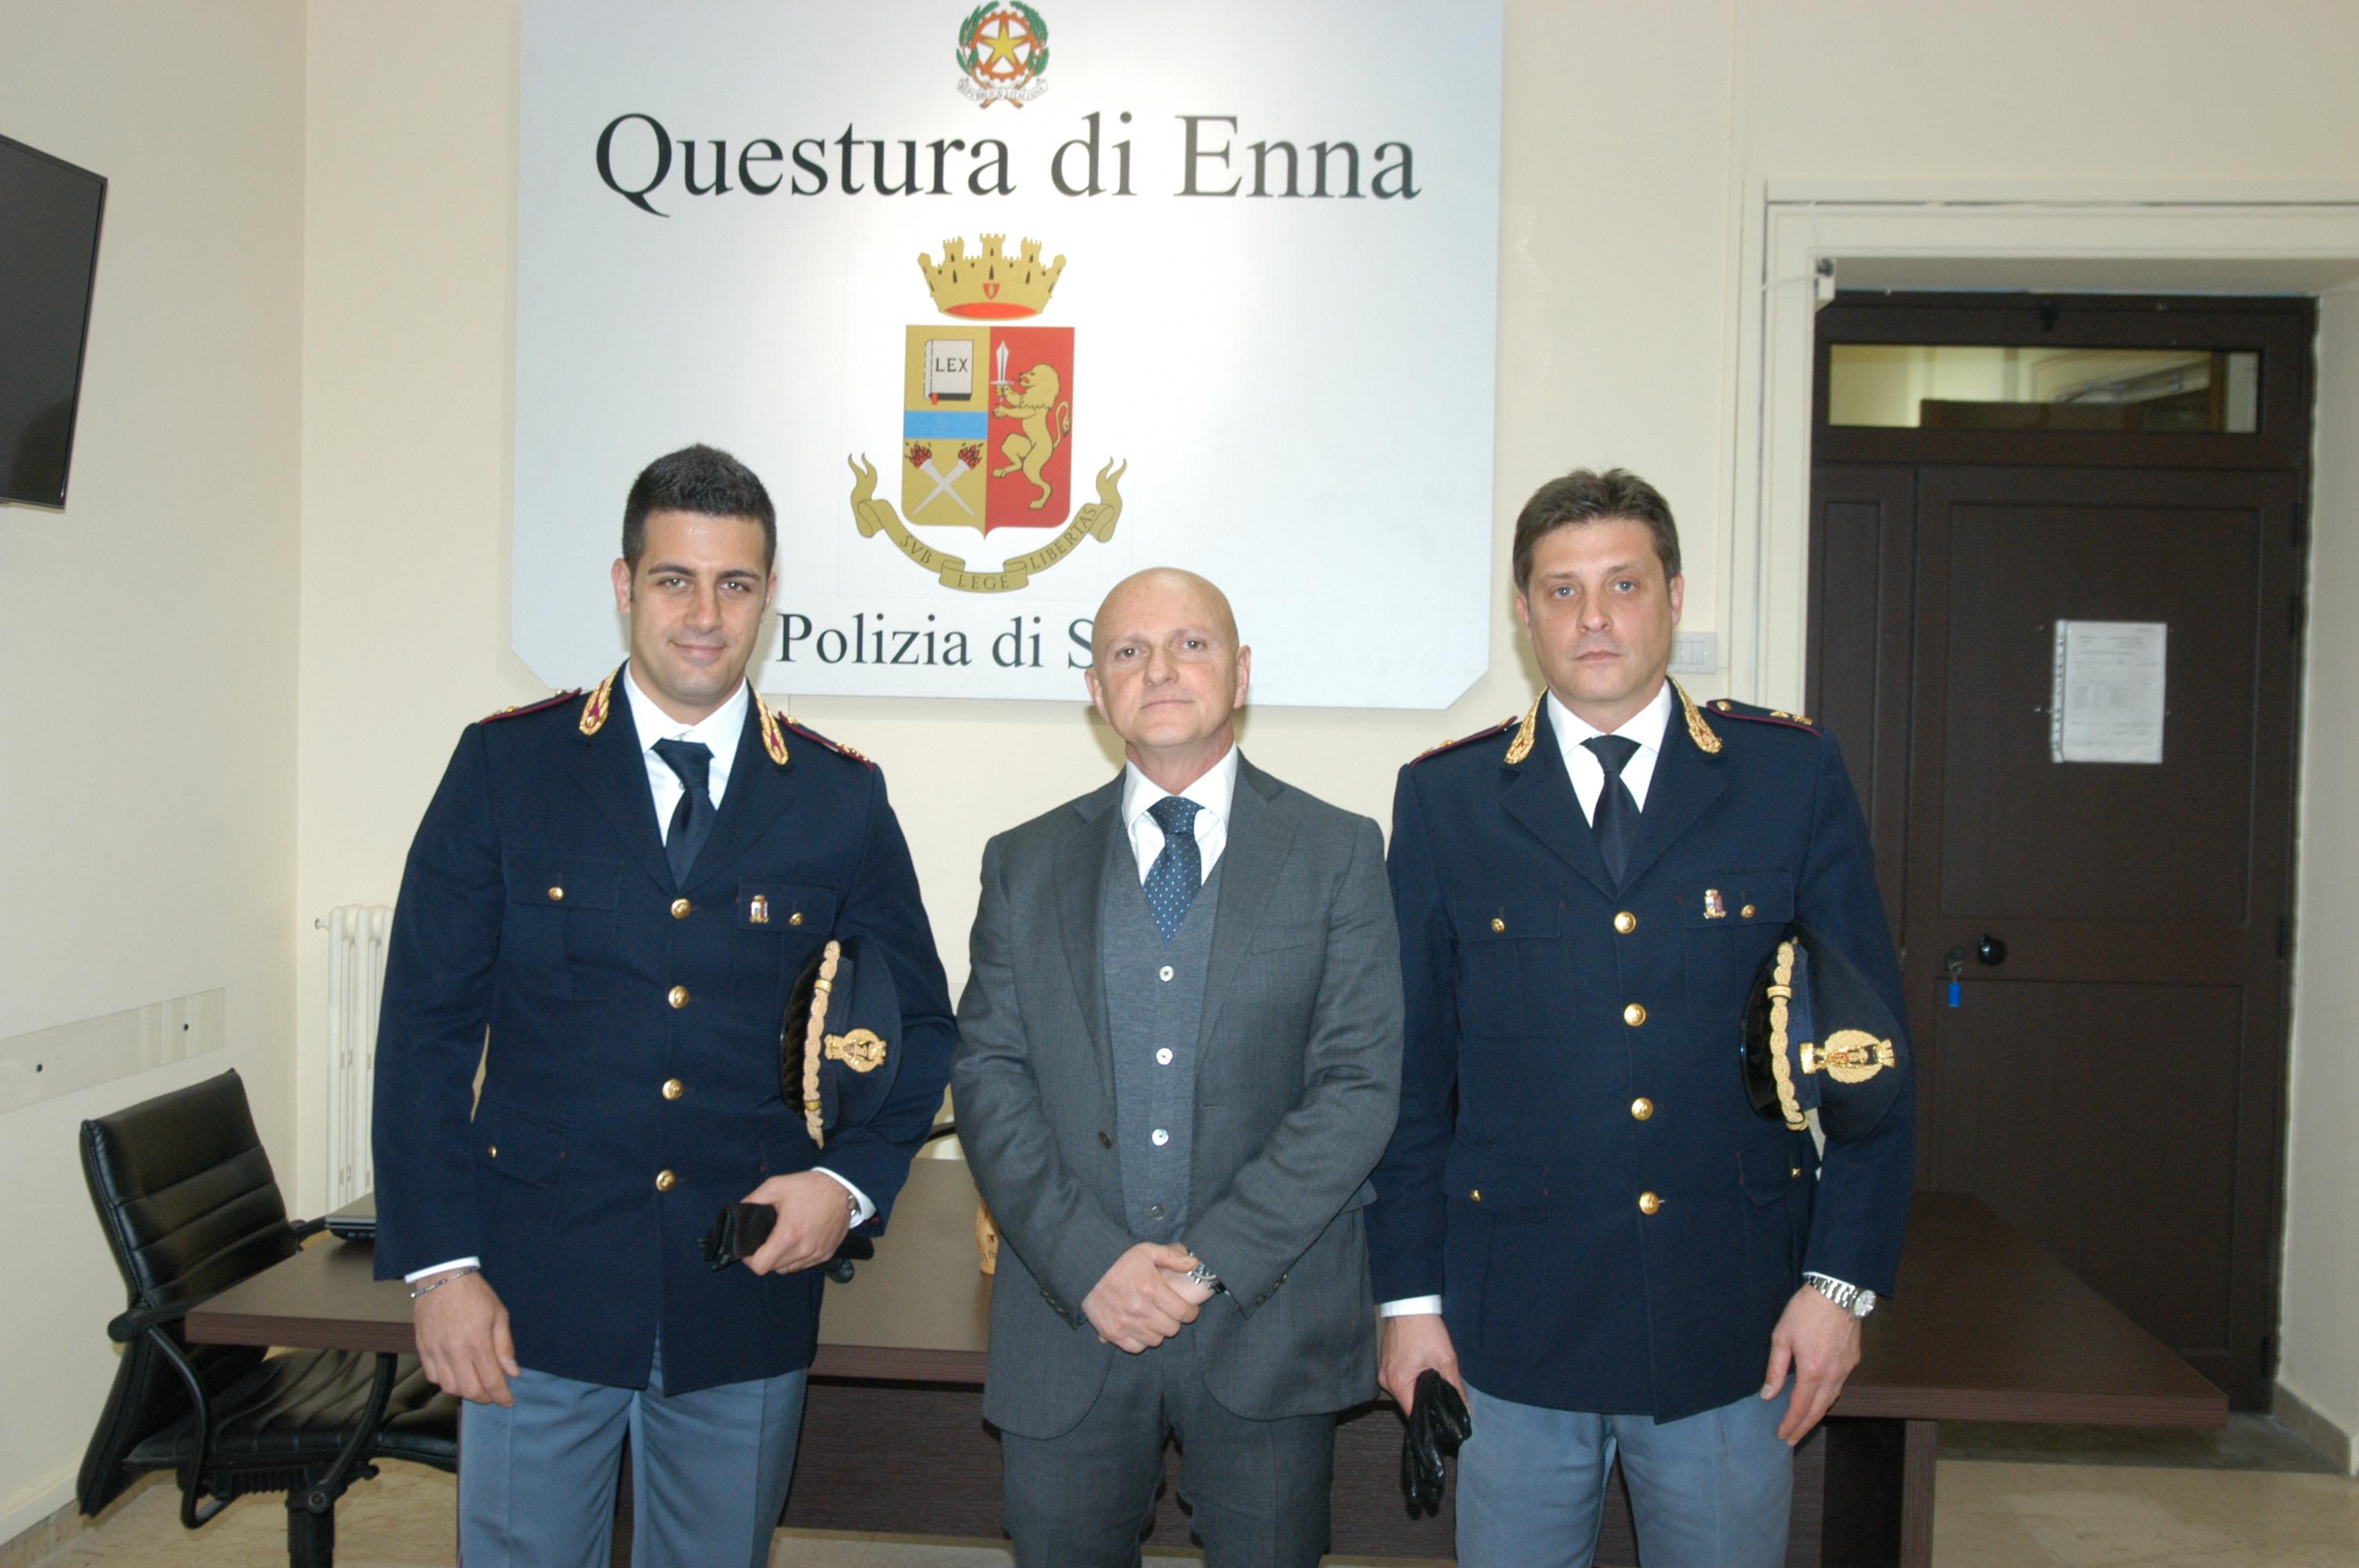 Polizia di Stato - Questure sul web - Enna